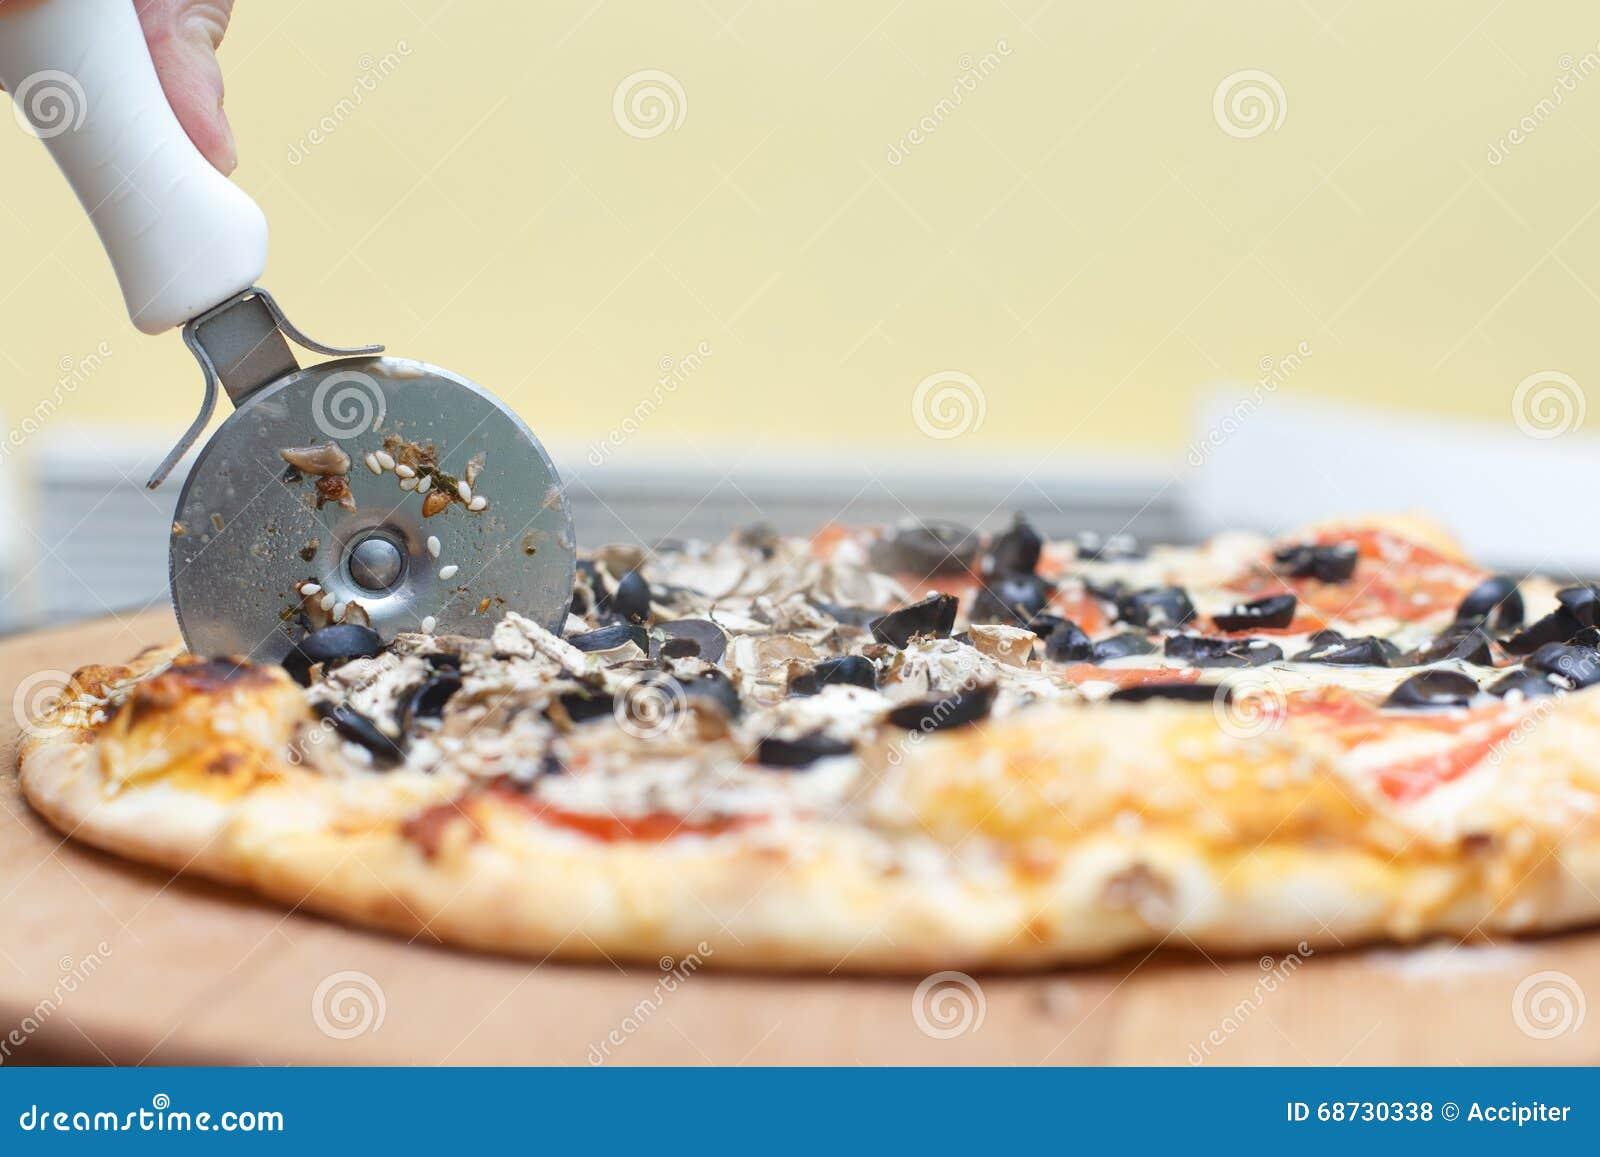 Hot pizza cutting